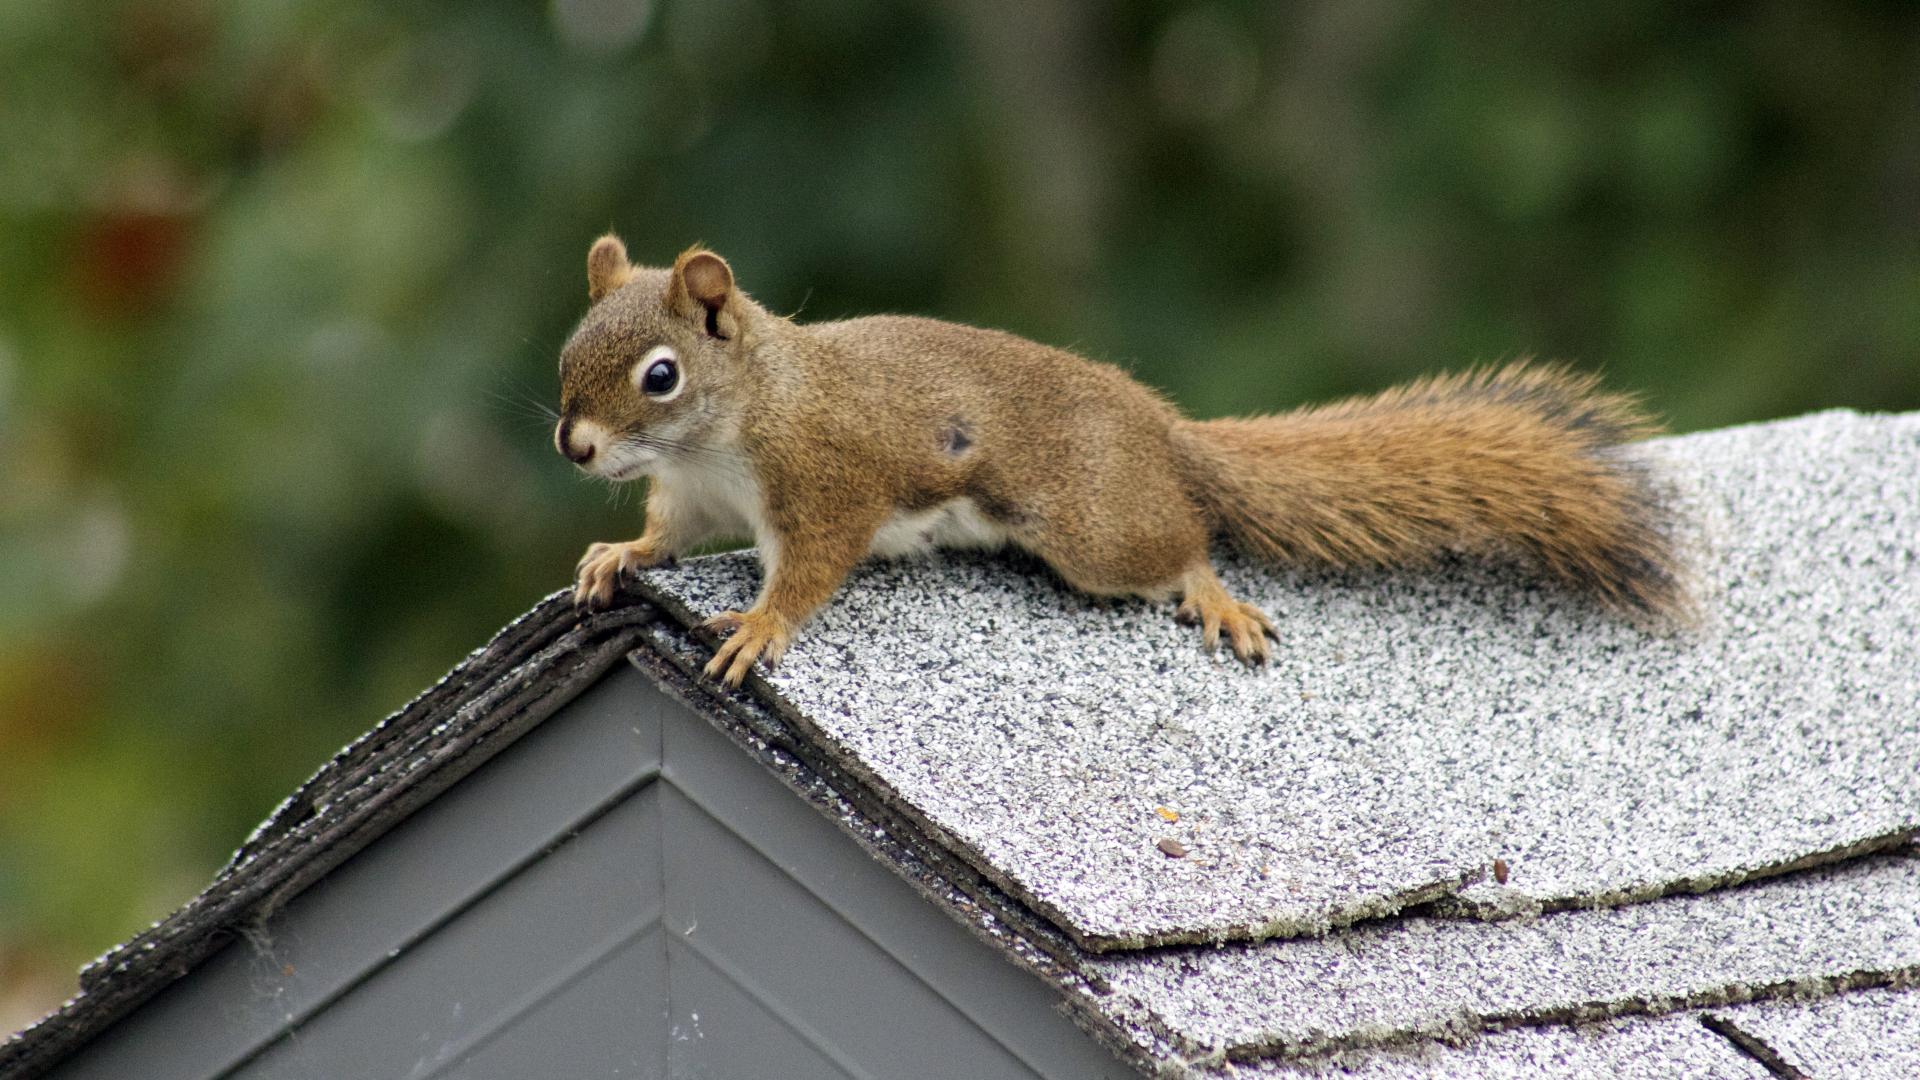 squirrel pest control services